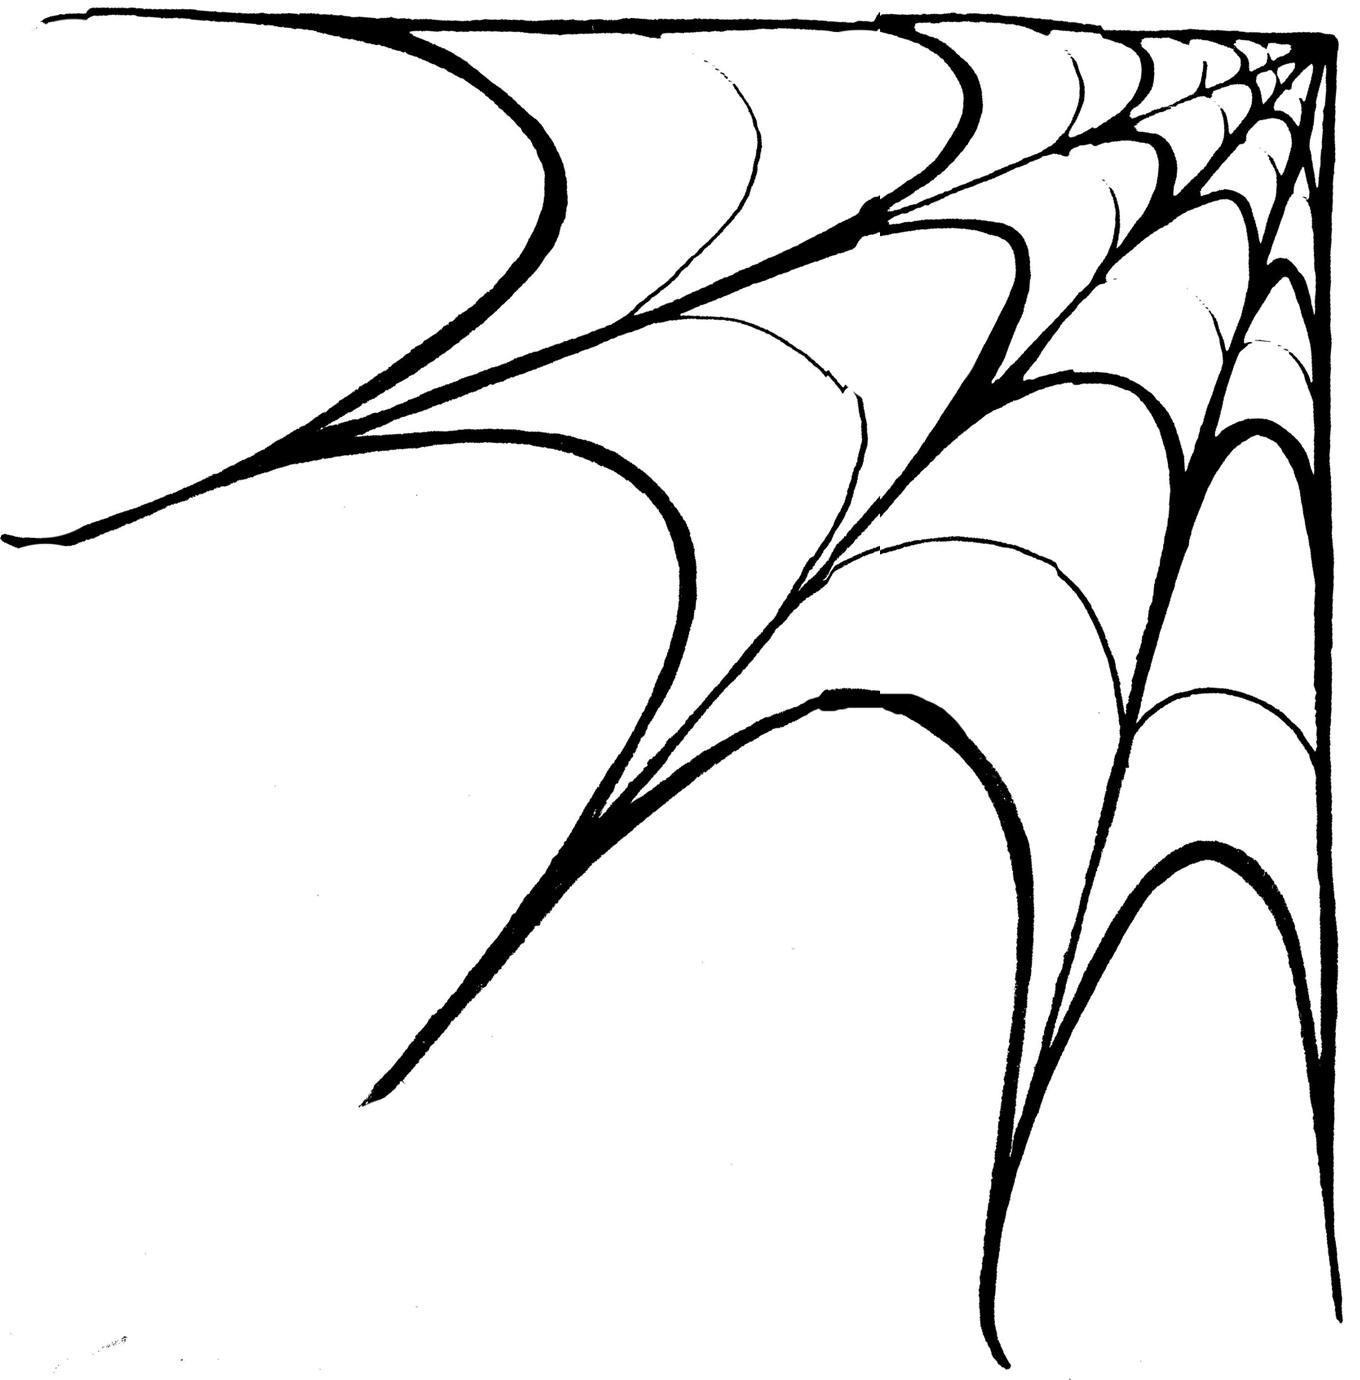 1360x1380 Spider Web Images Clipart Clipart Clipartix 2